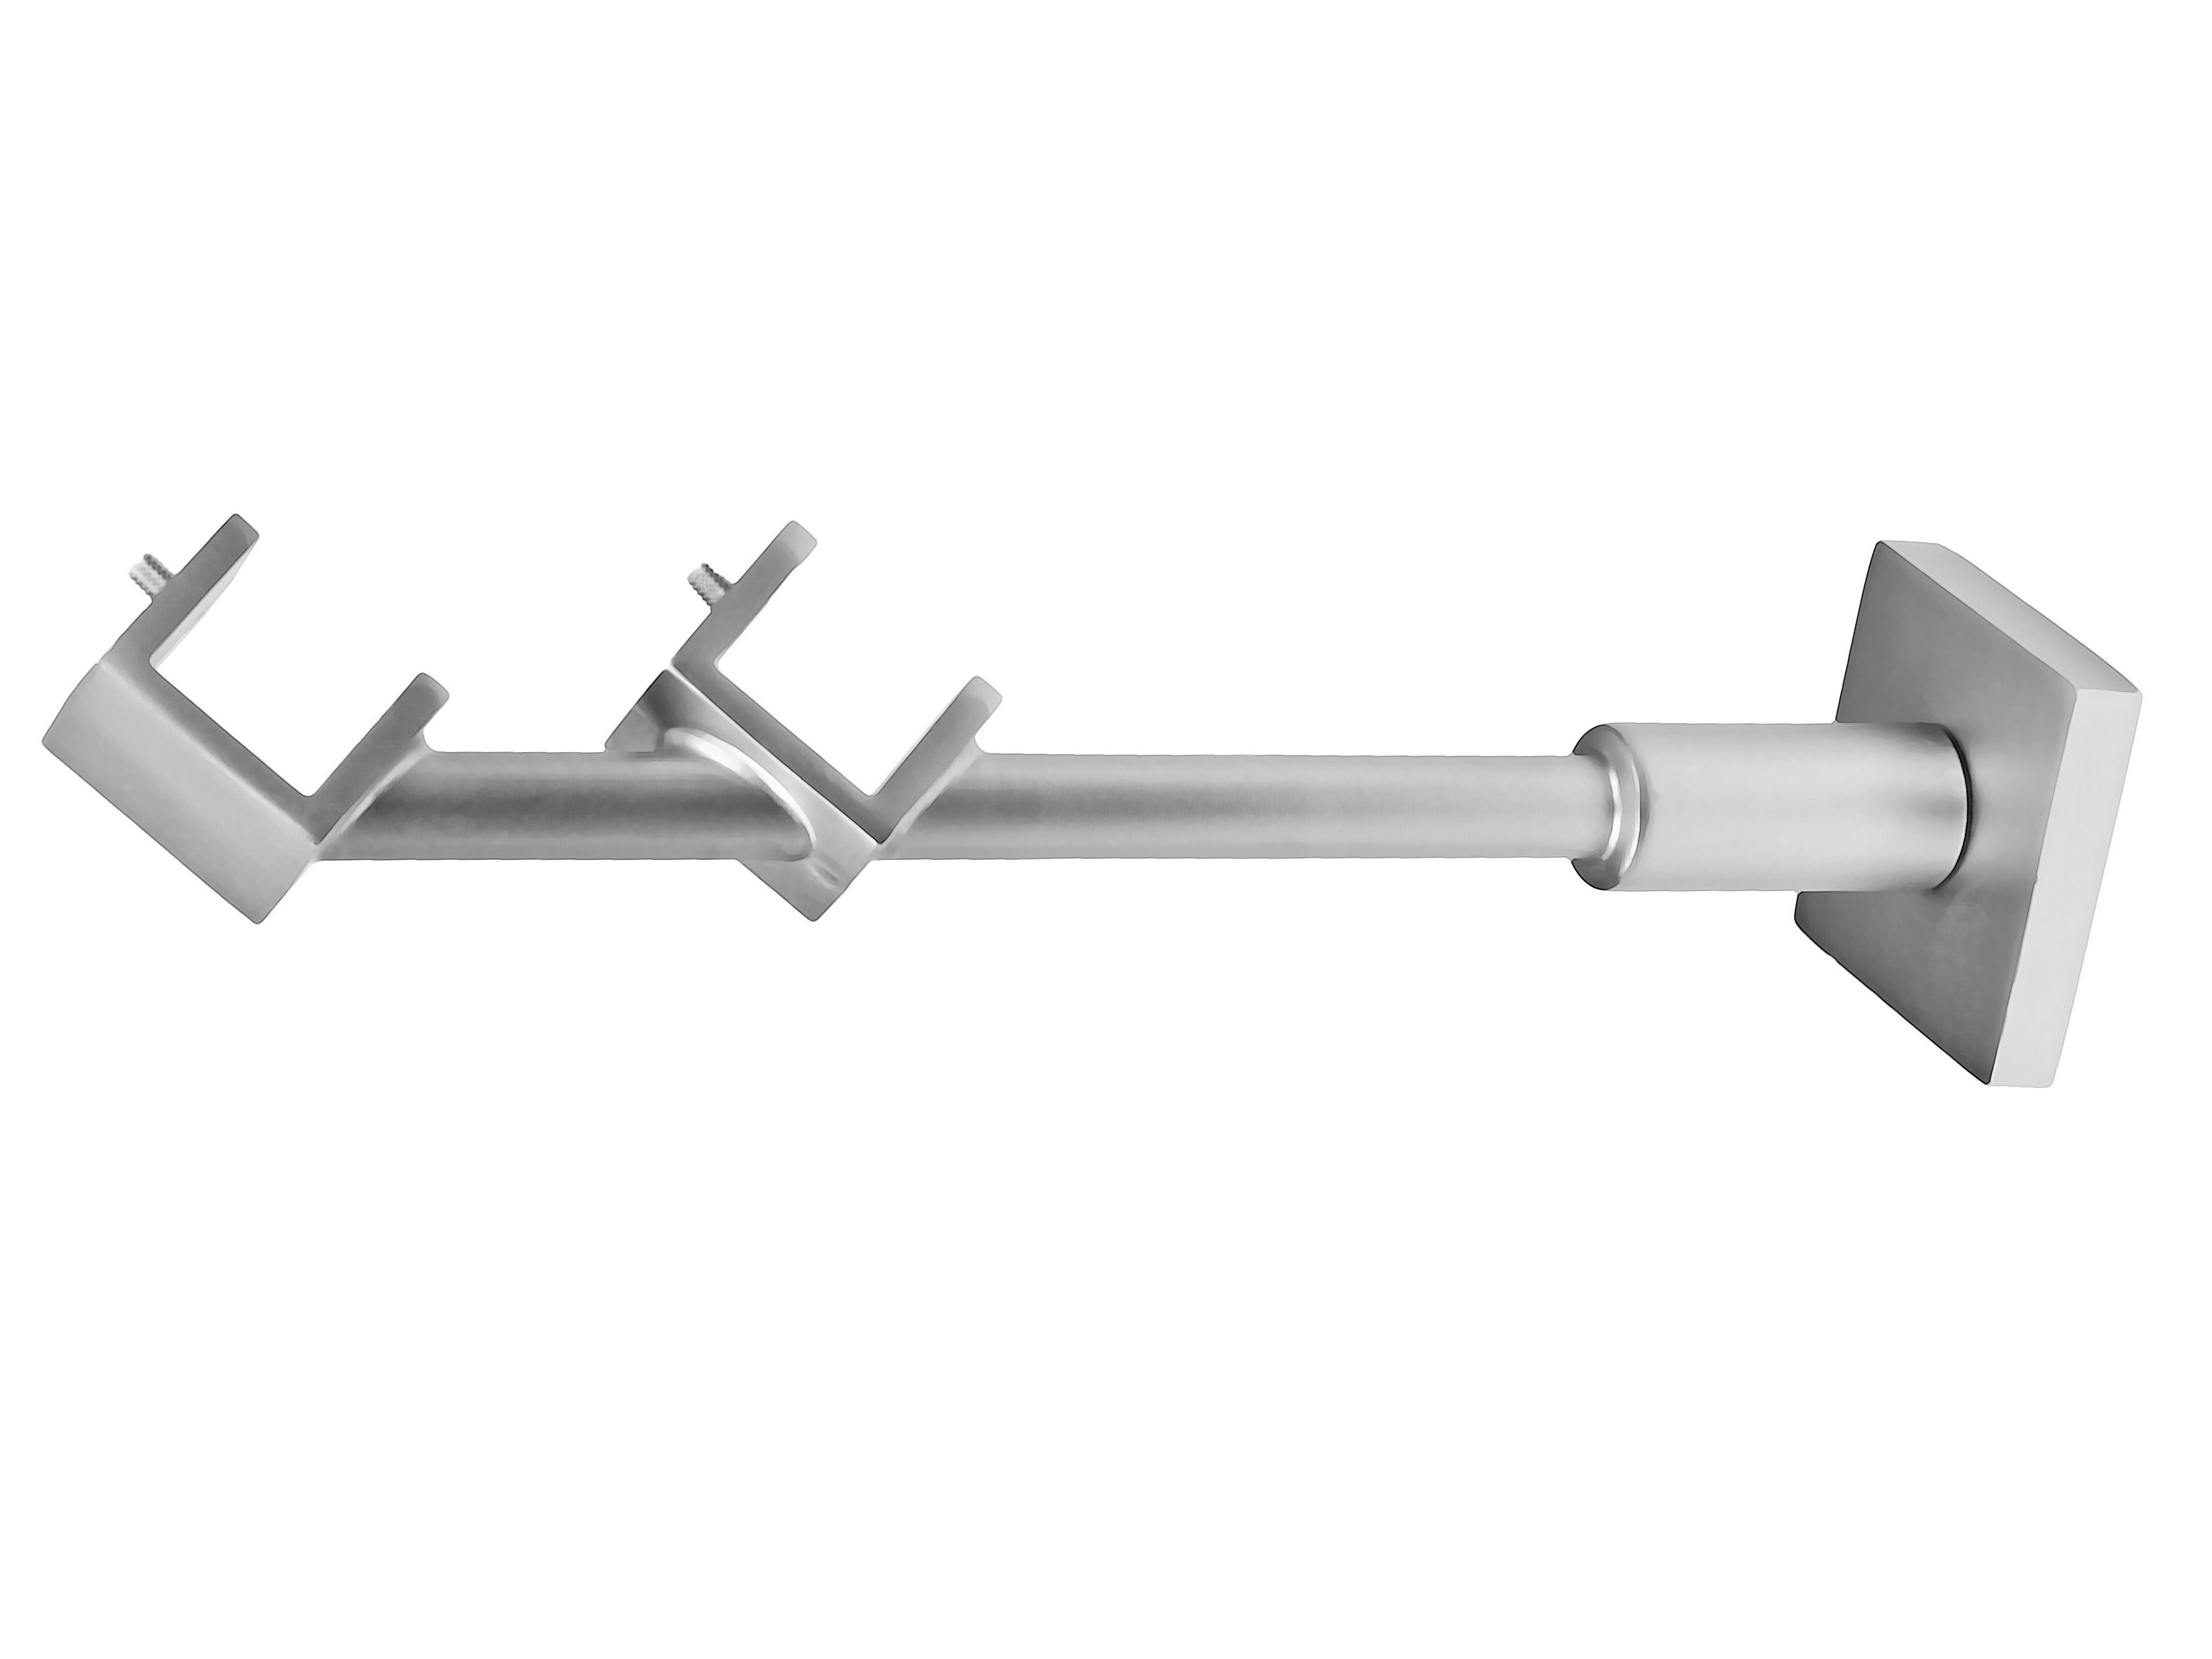 wspornik-podwojny-45-kwadratowy